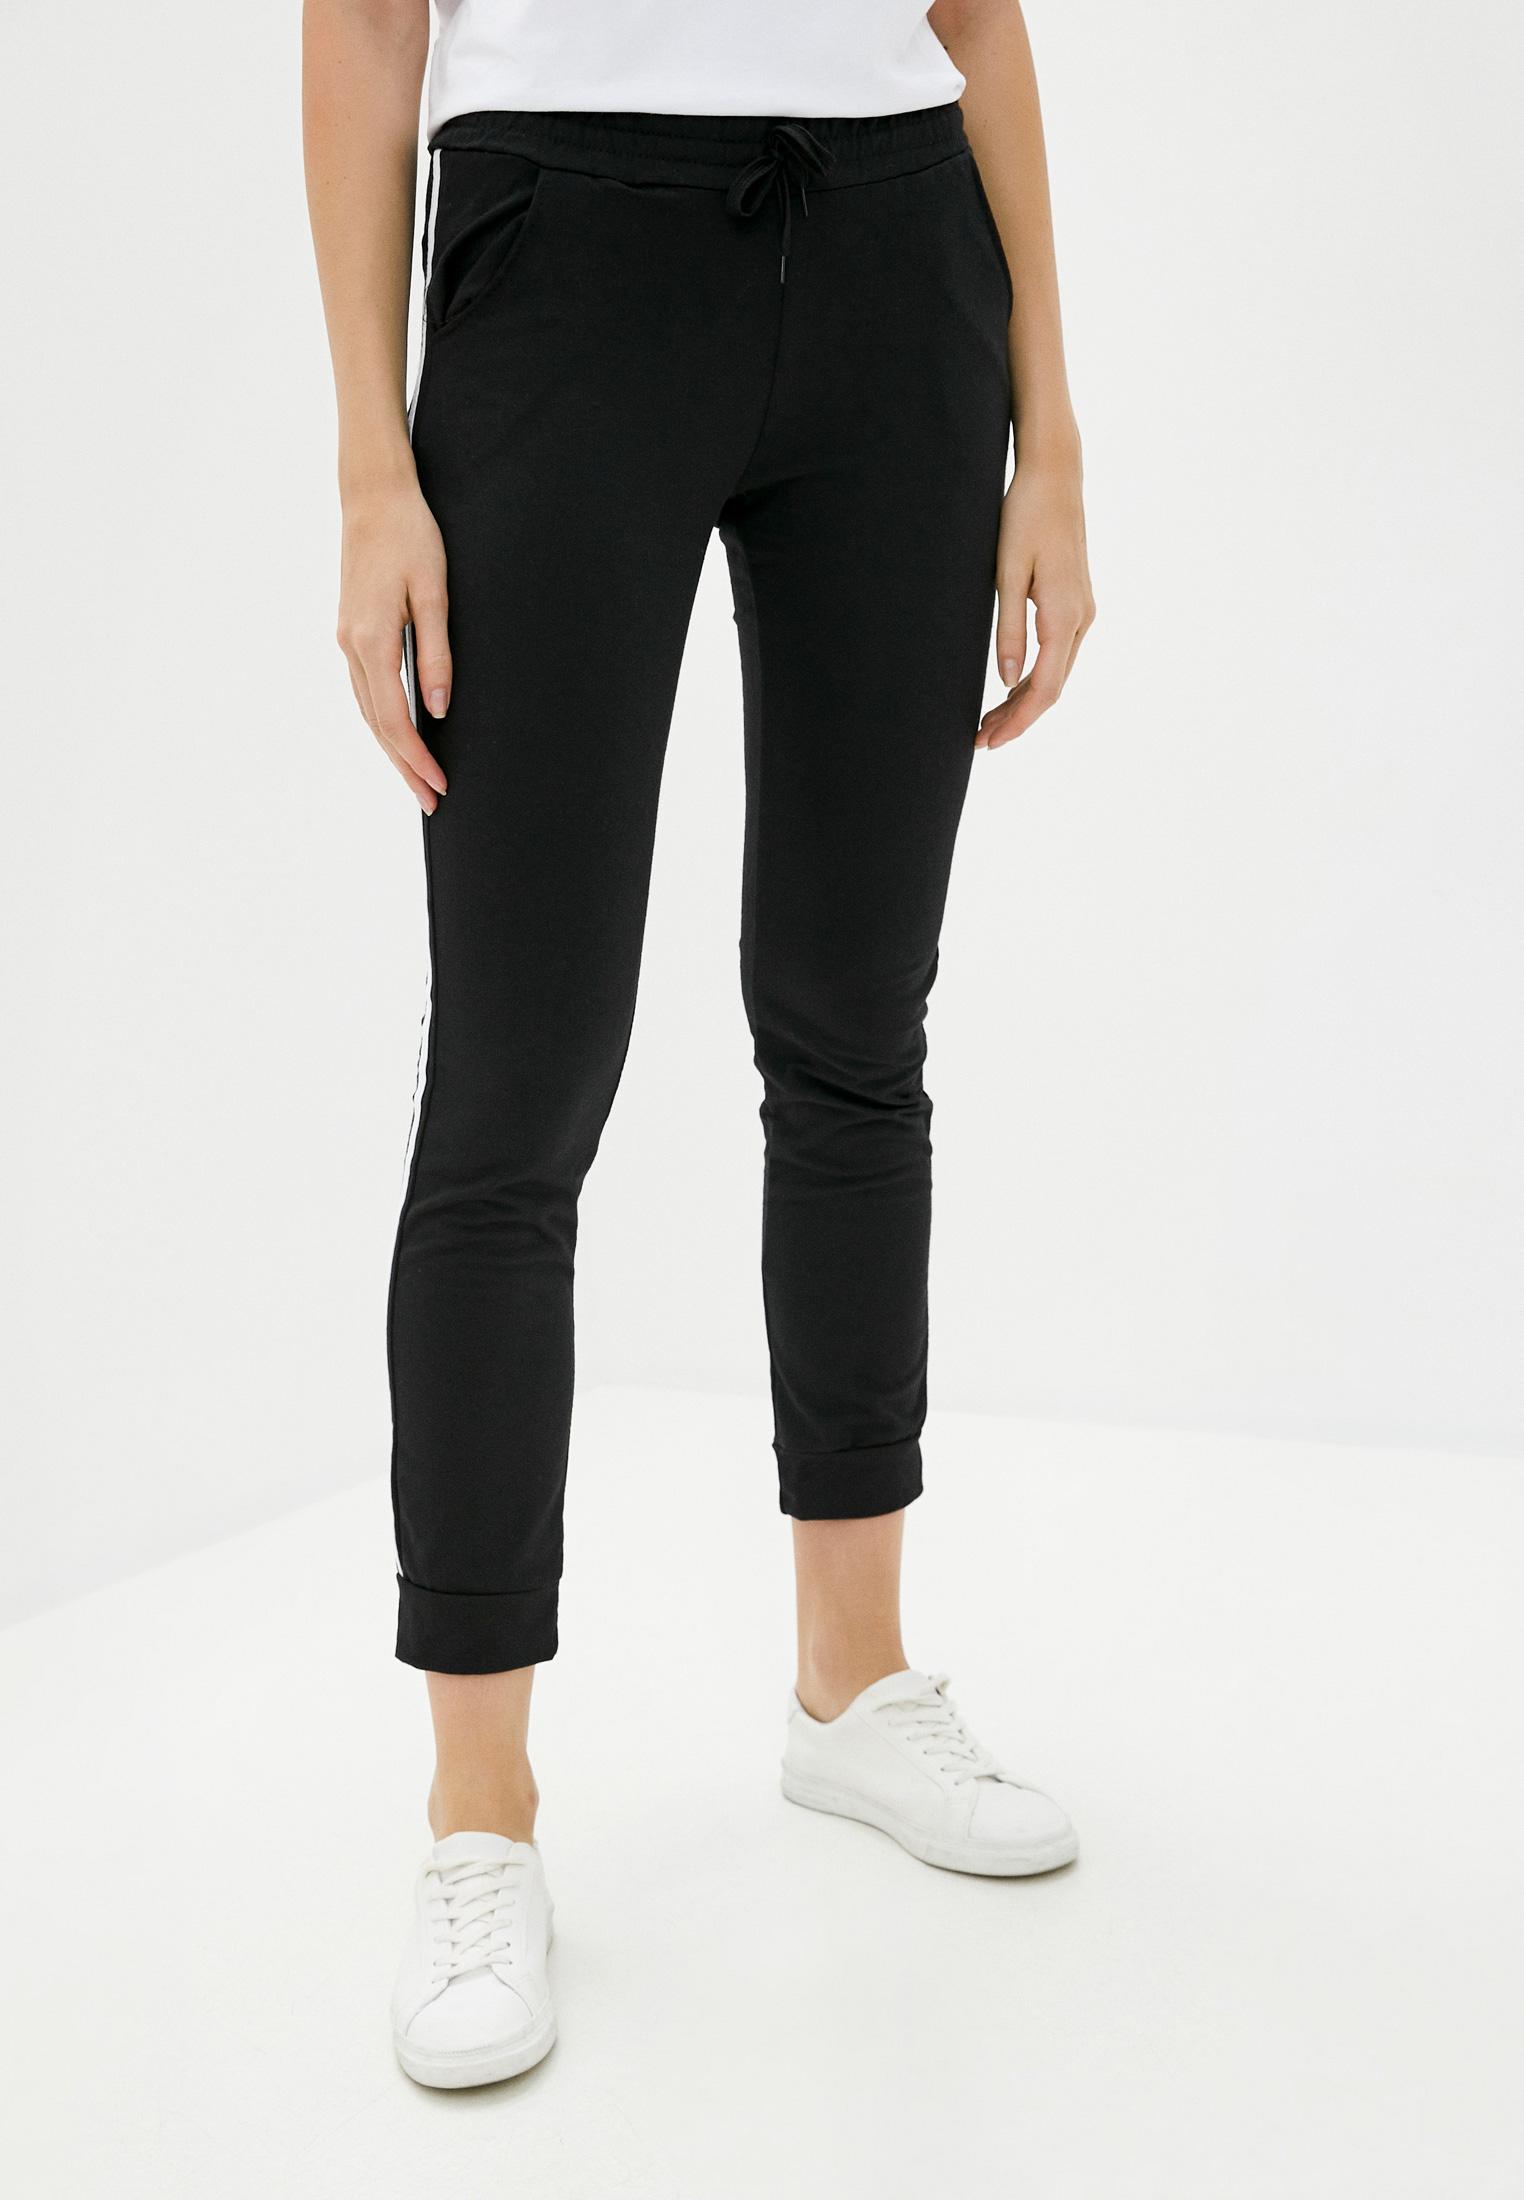 Женские спортивные брюки Pink Frost PF21-K3-RR